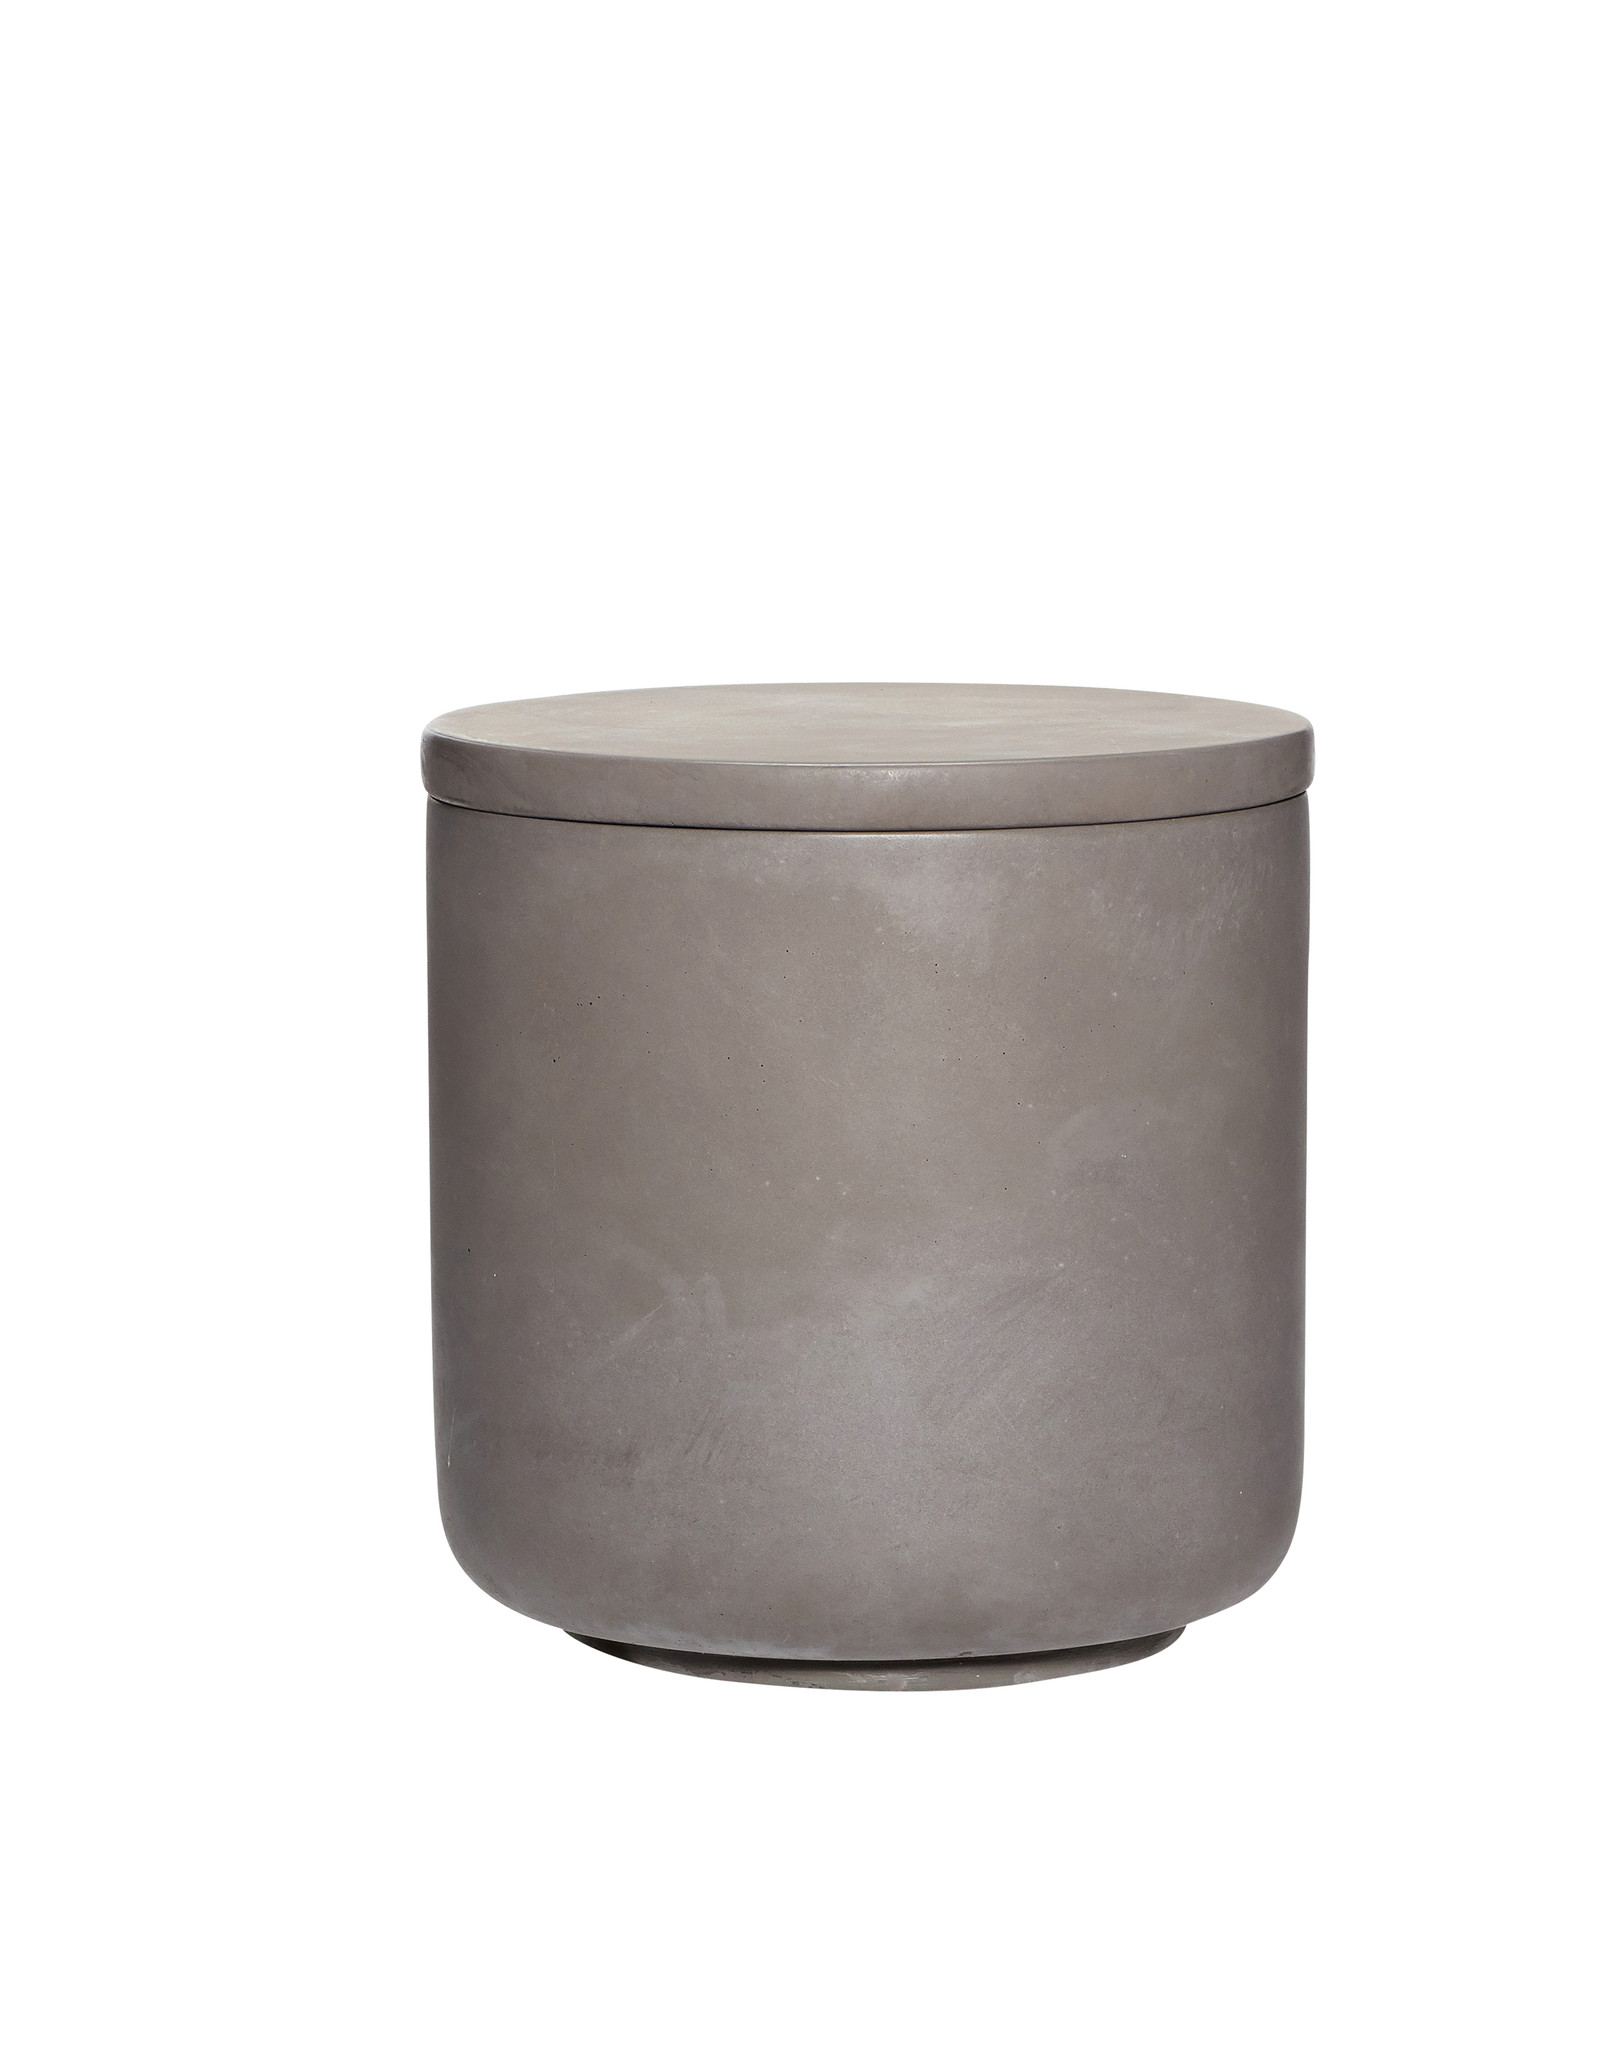 Set Voorraadpotten met deksel concrete-brown/light grey/dark grey